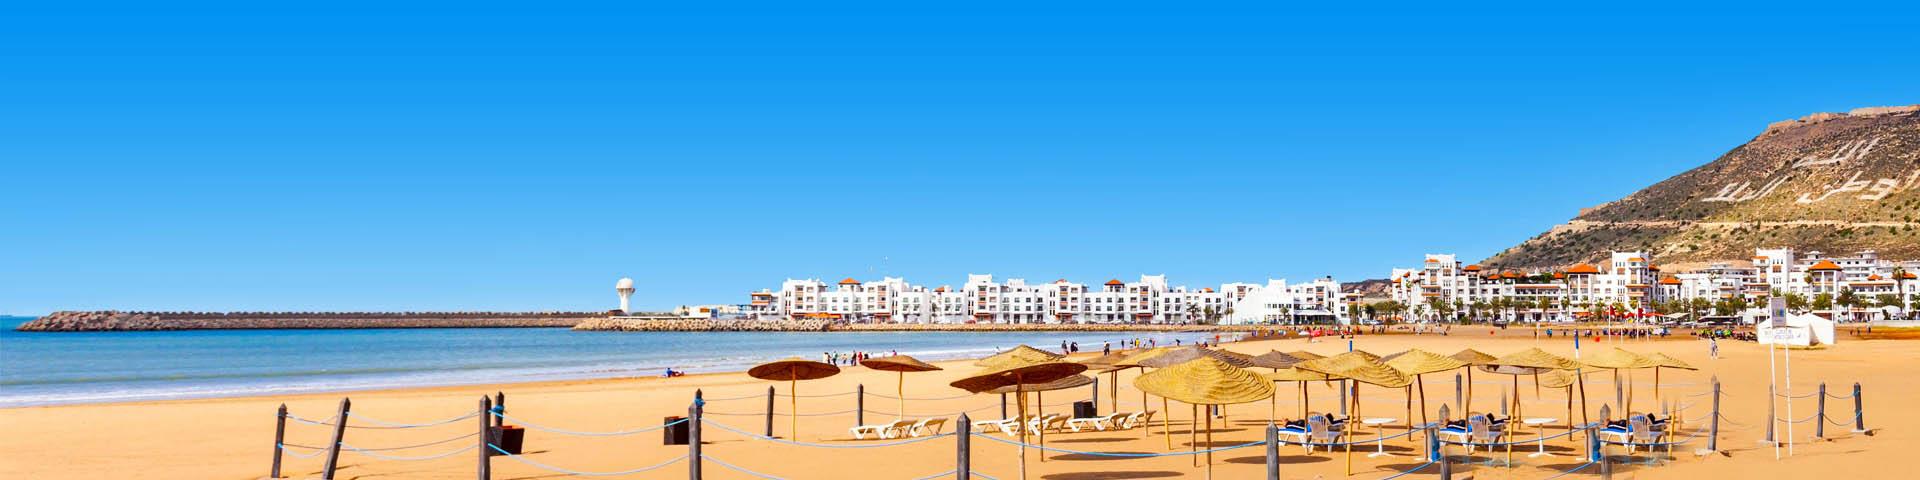 Goud zandstrand met ligbedden en parasols en gebouwen op de achtergrond